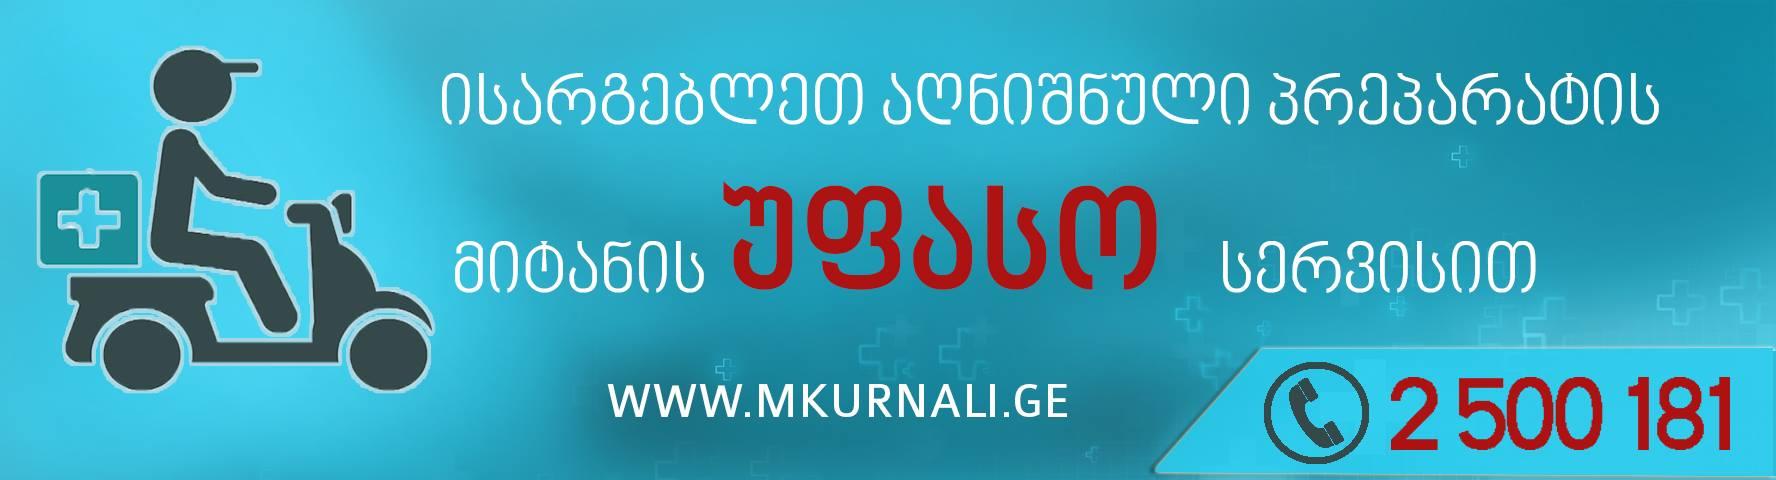 mkurnali.ge